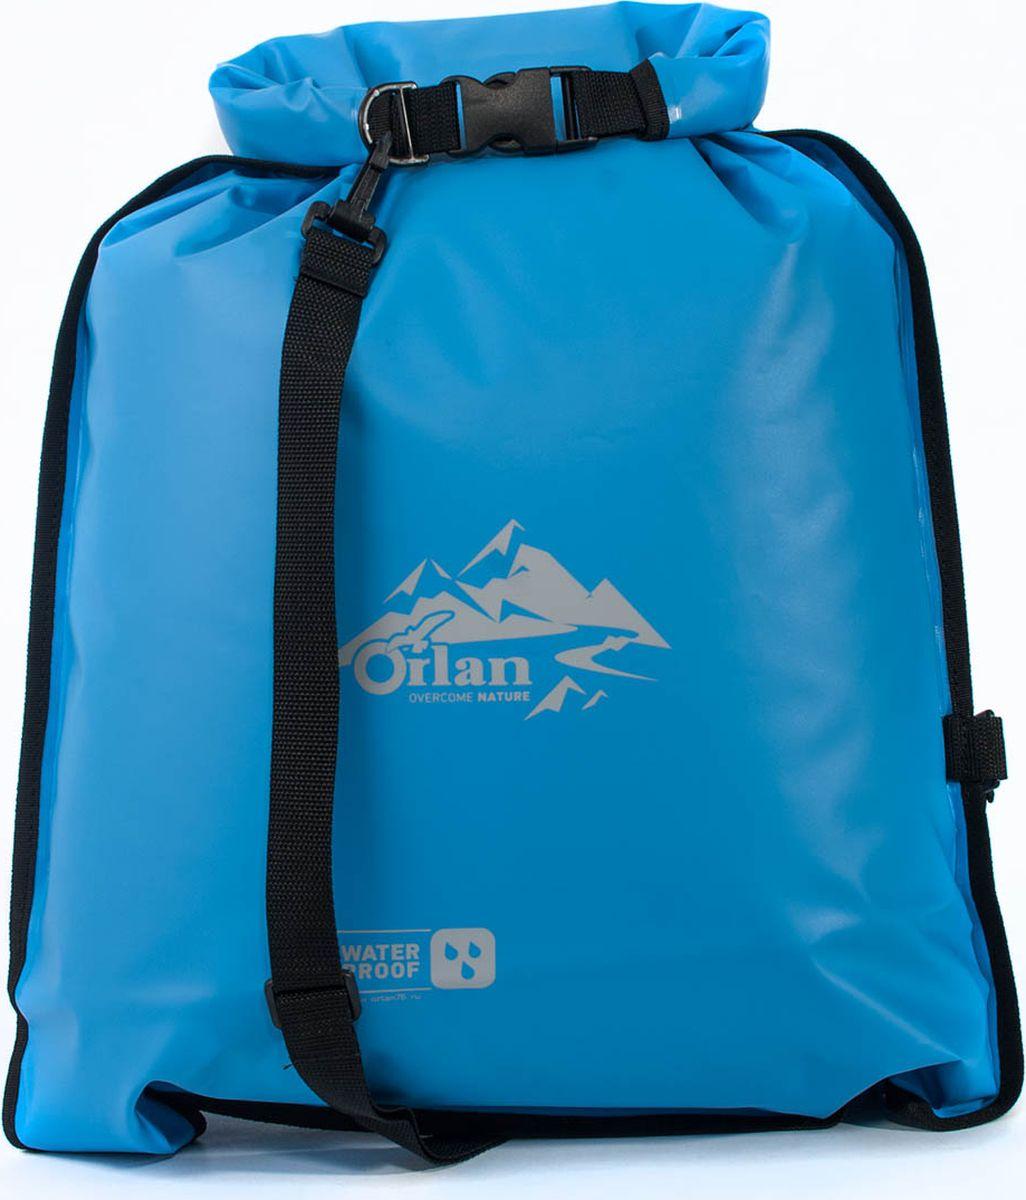 Гермомешок Orlan Компакт, цвет: голубой, 45 лGM20P120P101L45KГермомешок для спорта и туризма в серии Компакт имеет современный дизайн и предназначен для любителей активного спорта и отдыха на воде.Занимает меньше места при хранении: расстелите мешок на дно чемодана и не потеряйте ни одного полезного сантиметра.Гермомешок защитит ваши вещи от воды, пыли и грязи. Заверните верх на несколько оборотов и зафиксируйте его по бокам на защелки Квик Лок. Такое простое решение в сочетании с герметичной сваркой швов позволяет эксплуатировать гермомешок в проливной дождь, сырой снег и грязь. Дополнительно в комплекте съемная лямка из усиленной стропы для переноски на плече.Ткань ПВХ литой двухсторонний.